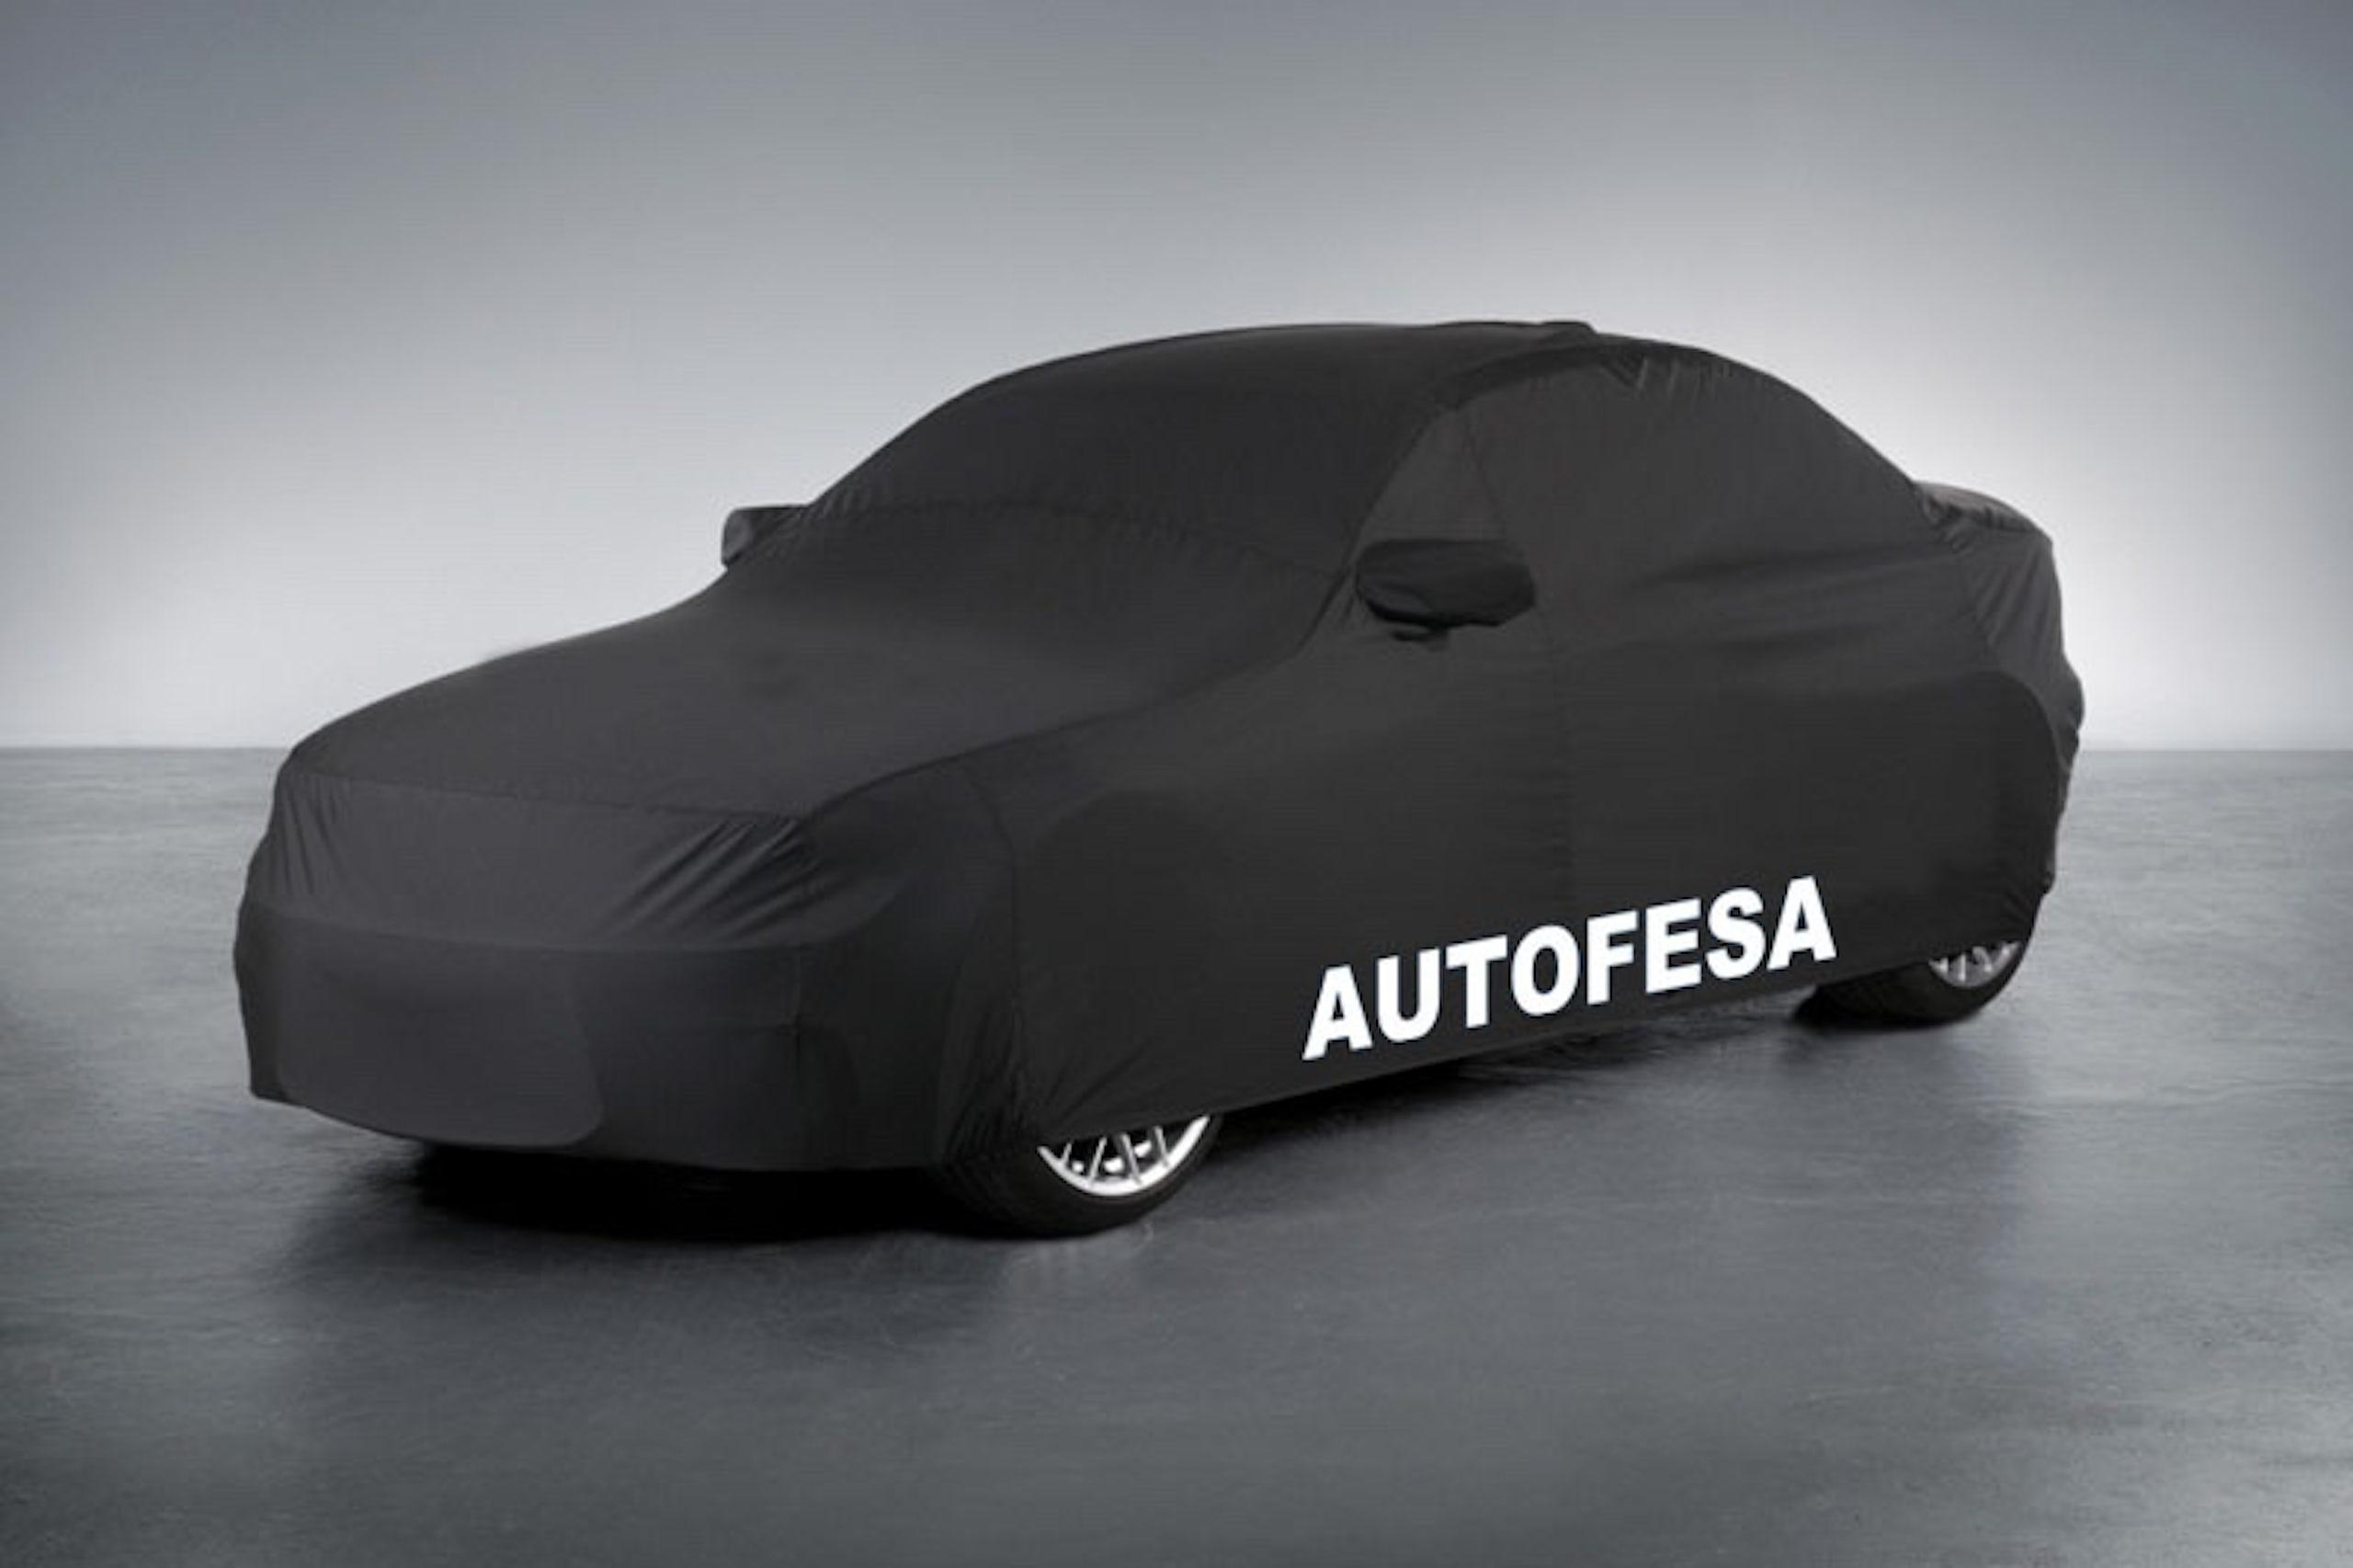 Audi Tts S Coupé 2.0 TFSI 245cv quattro S Line 3p S tronic Auto S/S - Foto 37